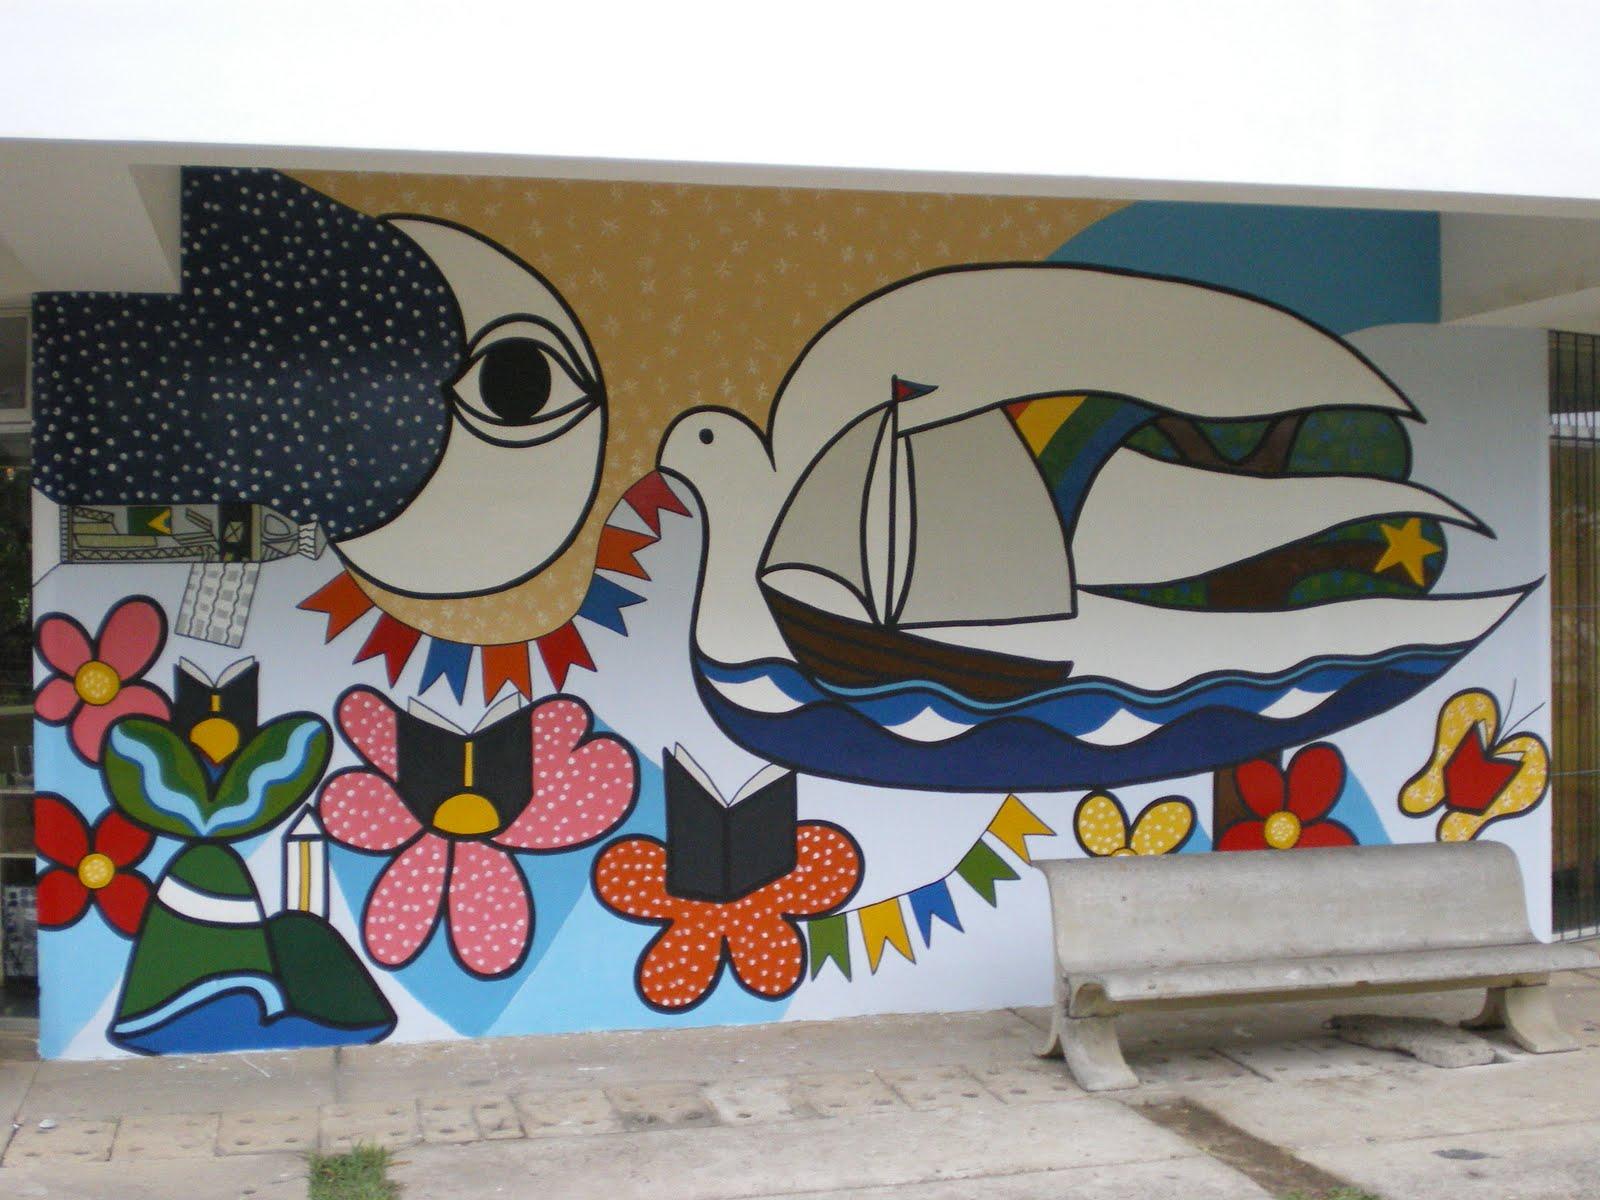 Blog du peintre Francisco Rivero: Une nouvelle peinture murale au ...